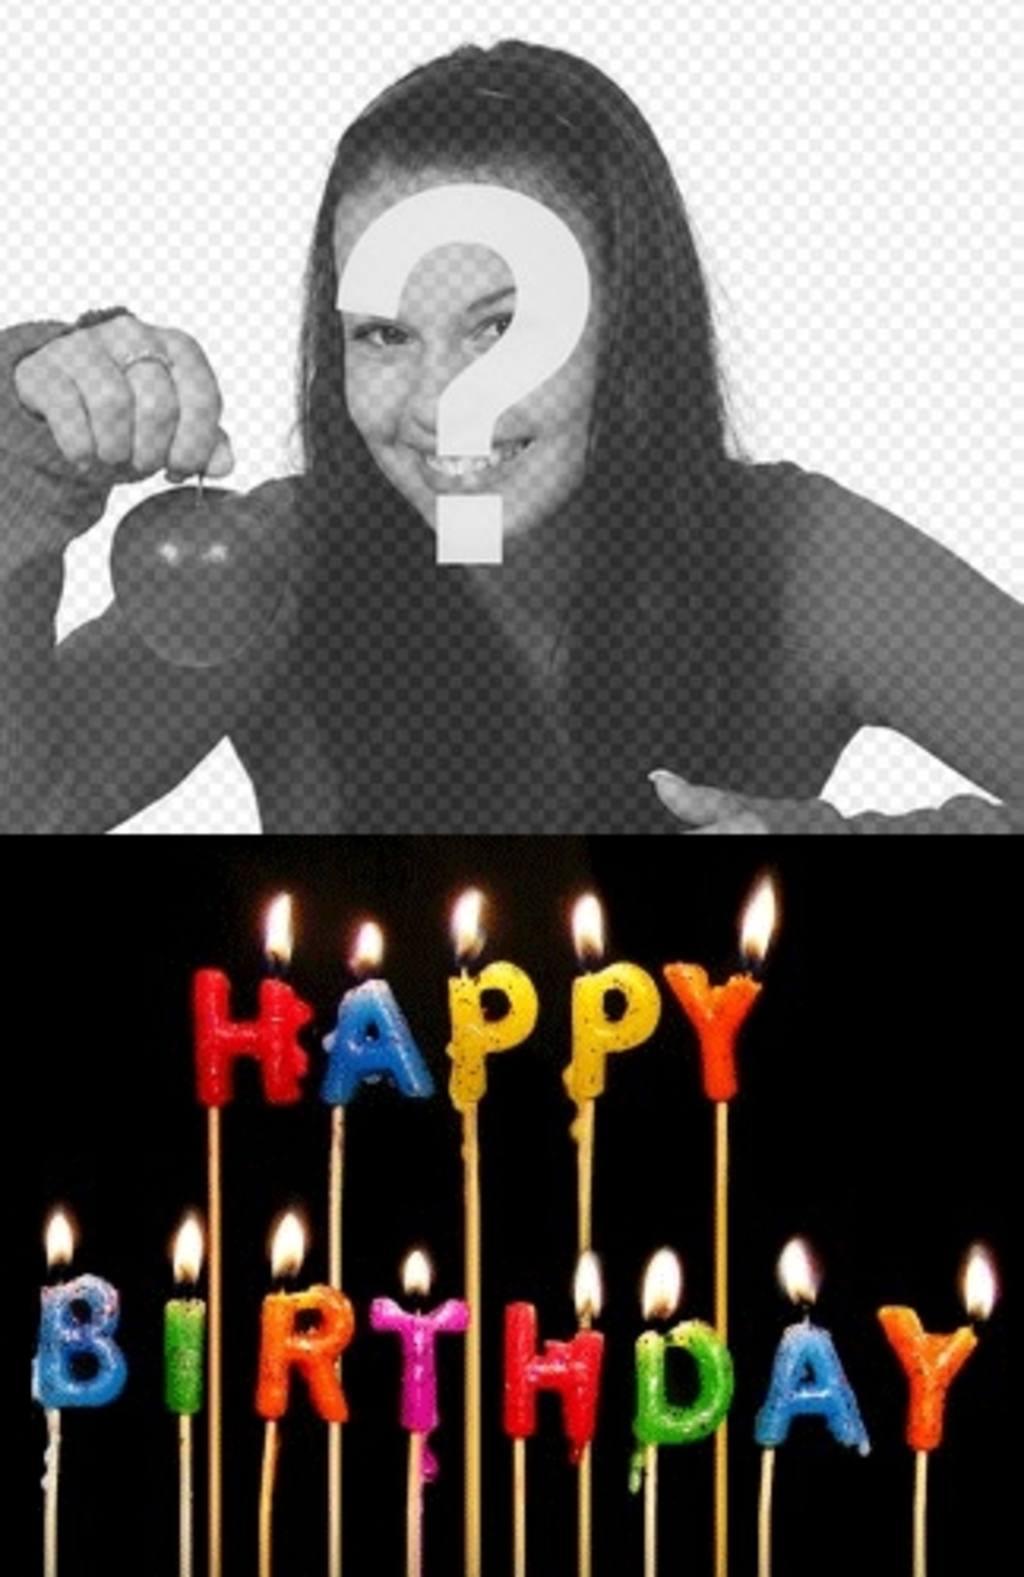 Plantilla para crear una tarjeta de cumpleaños personalizable con tu foto, con velas con el texto Happy Birthday